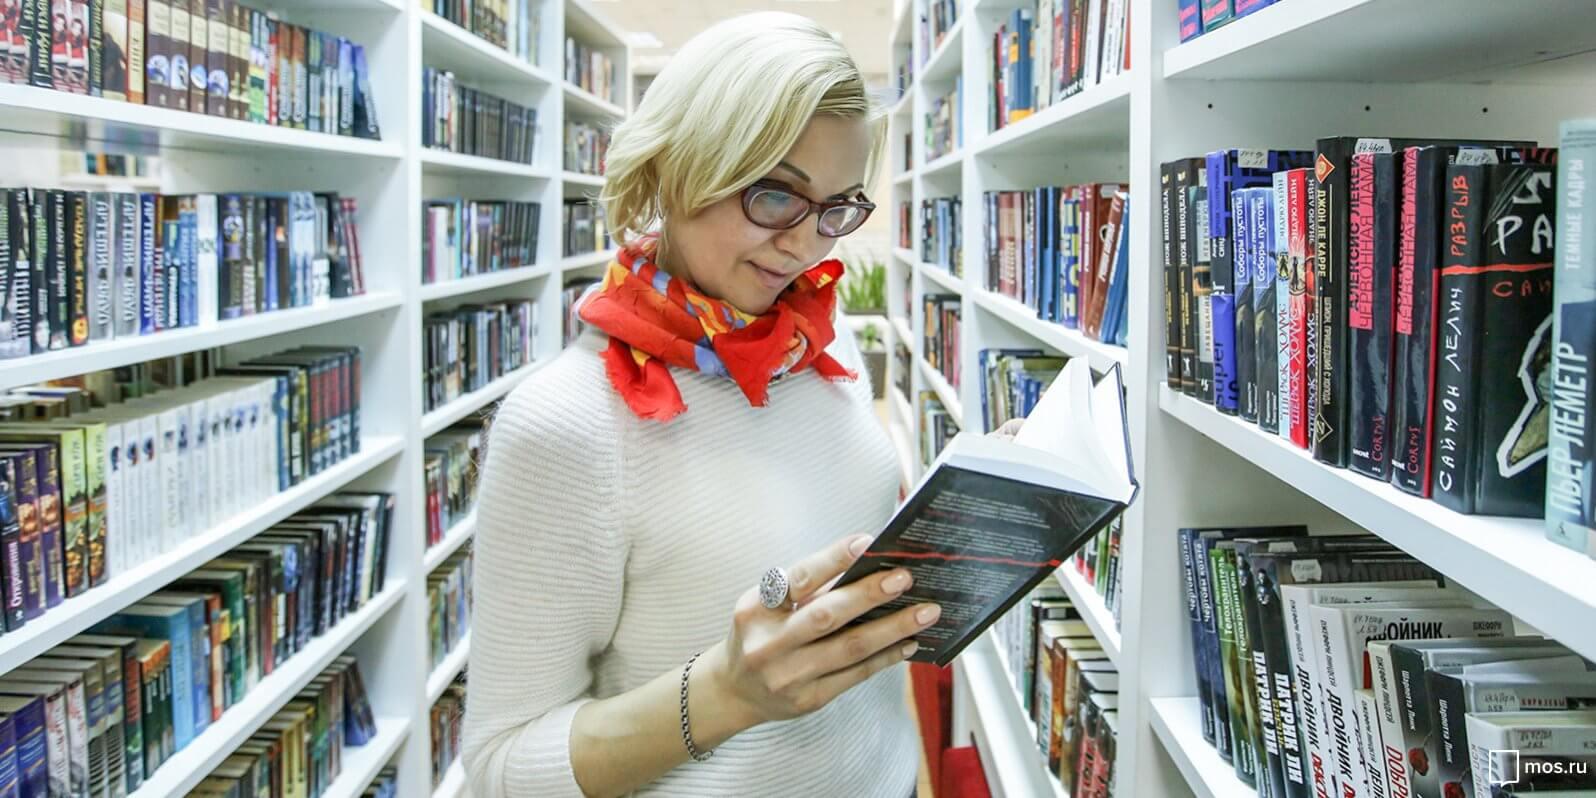 Чат-боты библиотеки